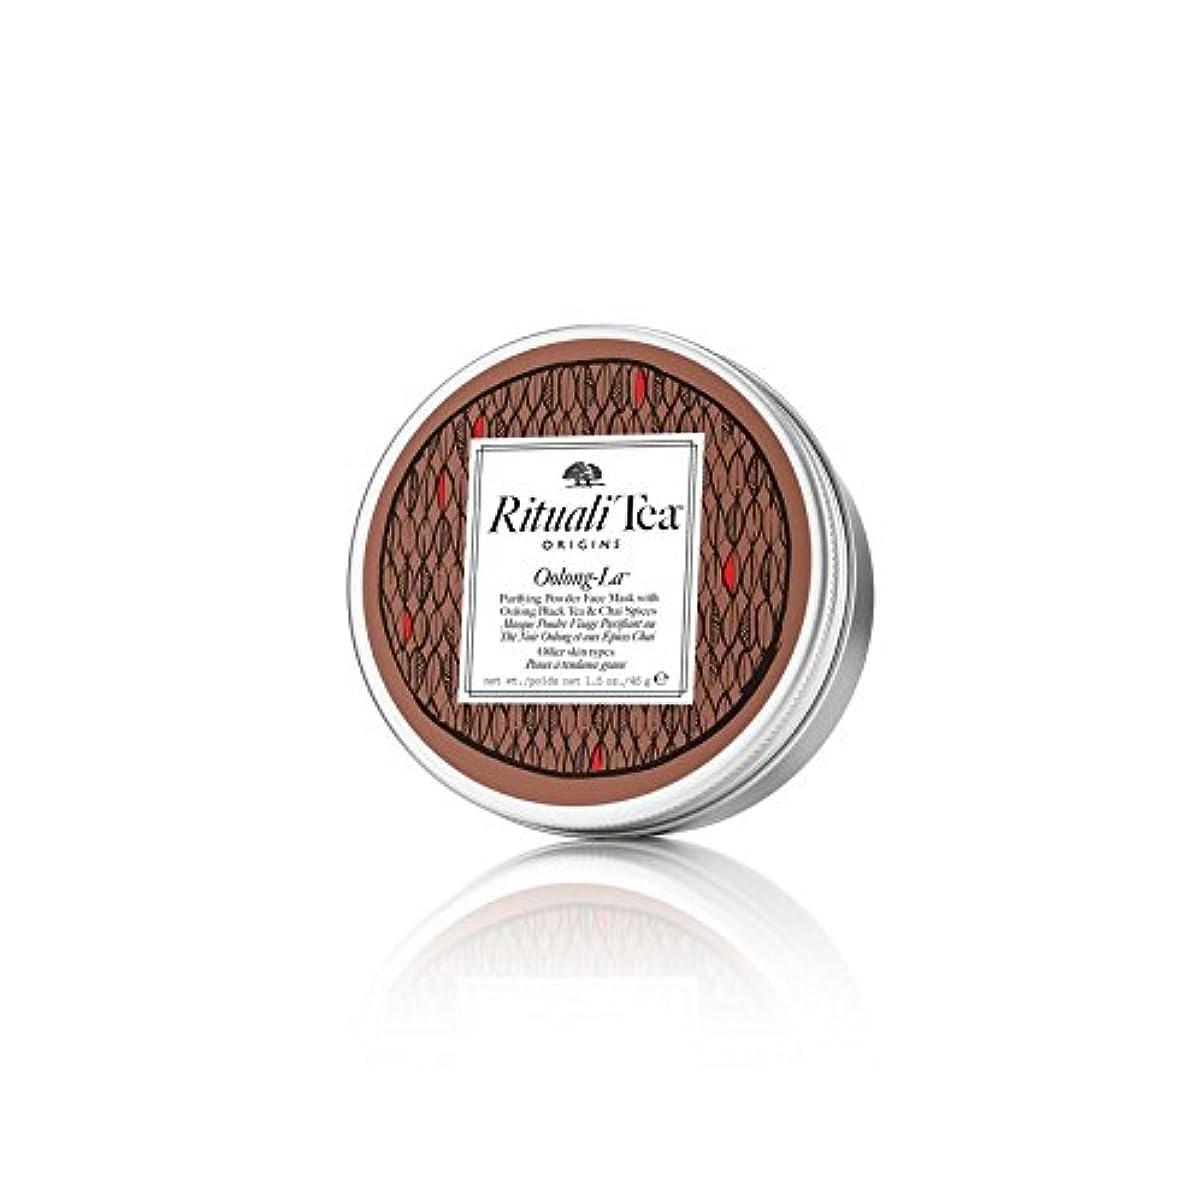 平和な利点否認する起源抹茶フェイスマスク烏龍茶ラ45グラム x4 - Origins Powdered Tea Face Mask Oolong-La 45g (Pack of 4) [並行輸入品]